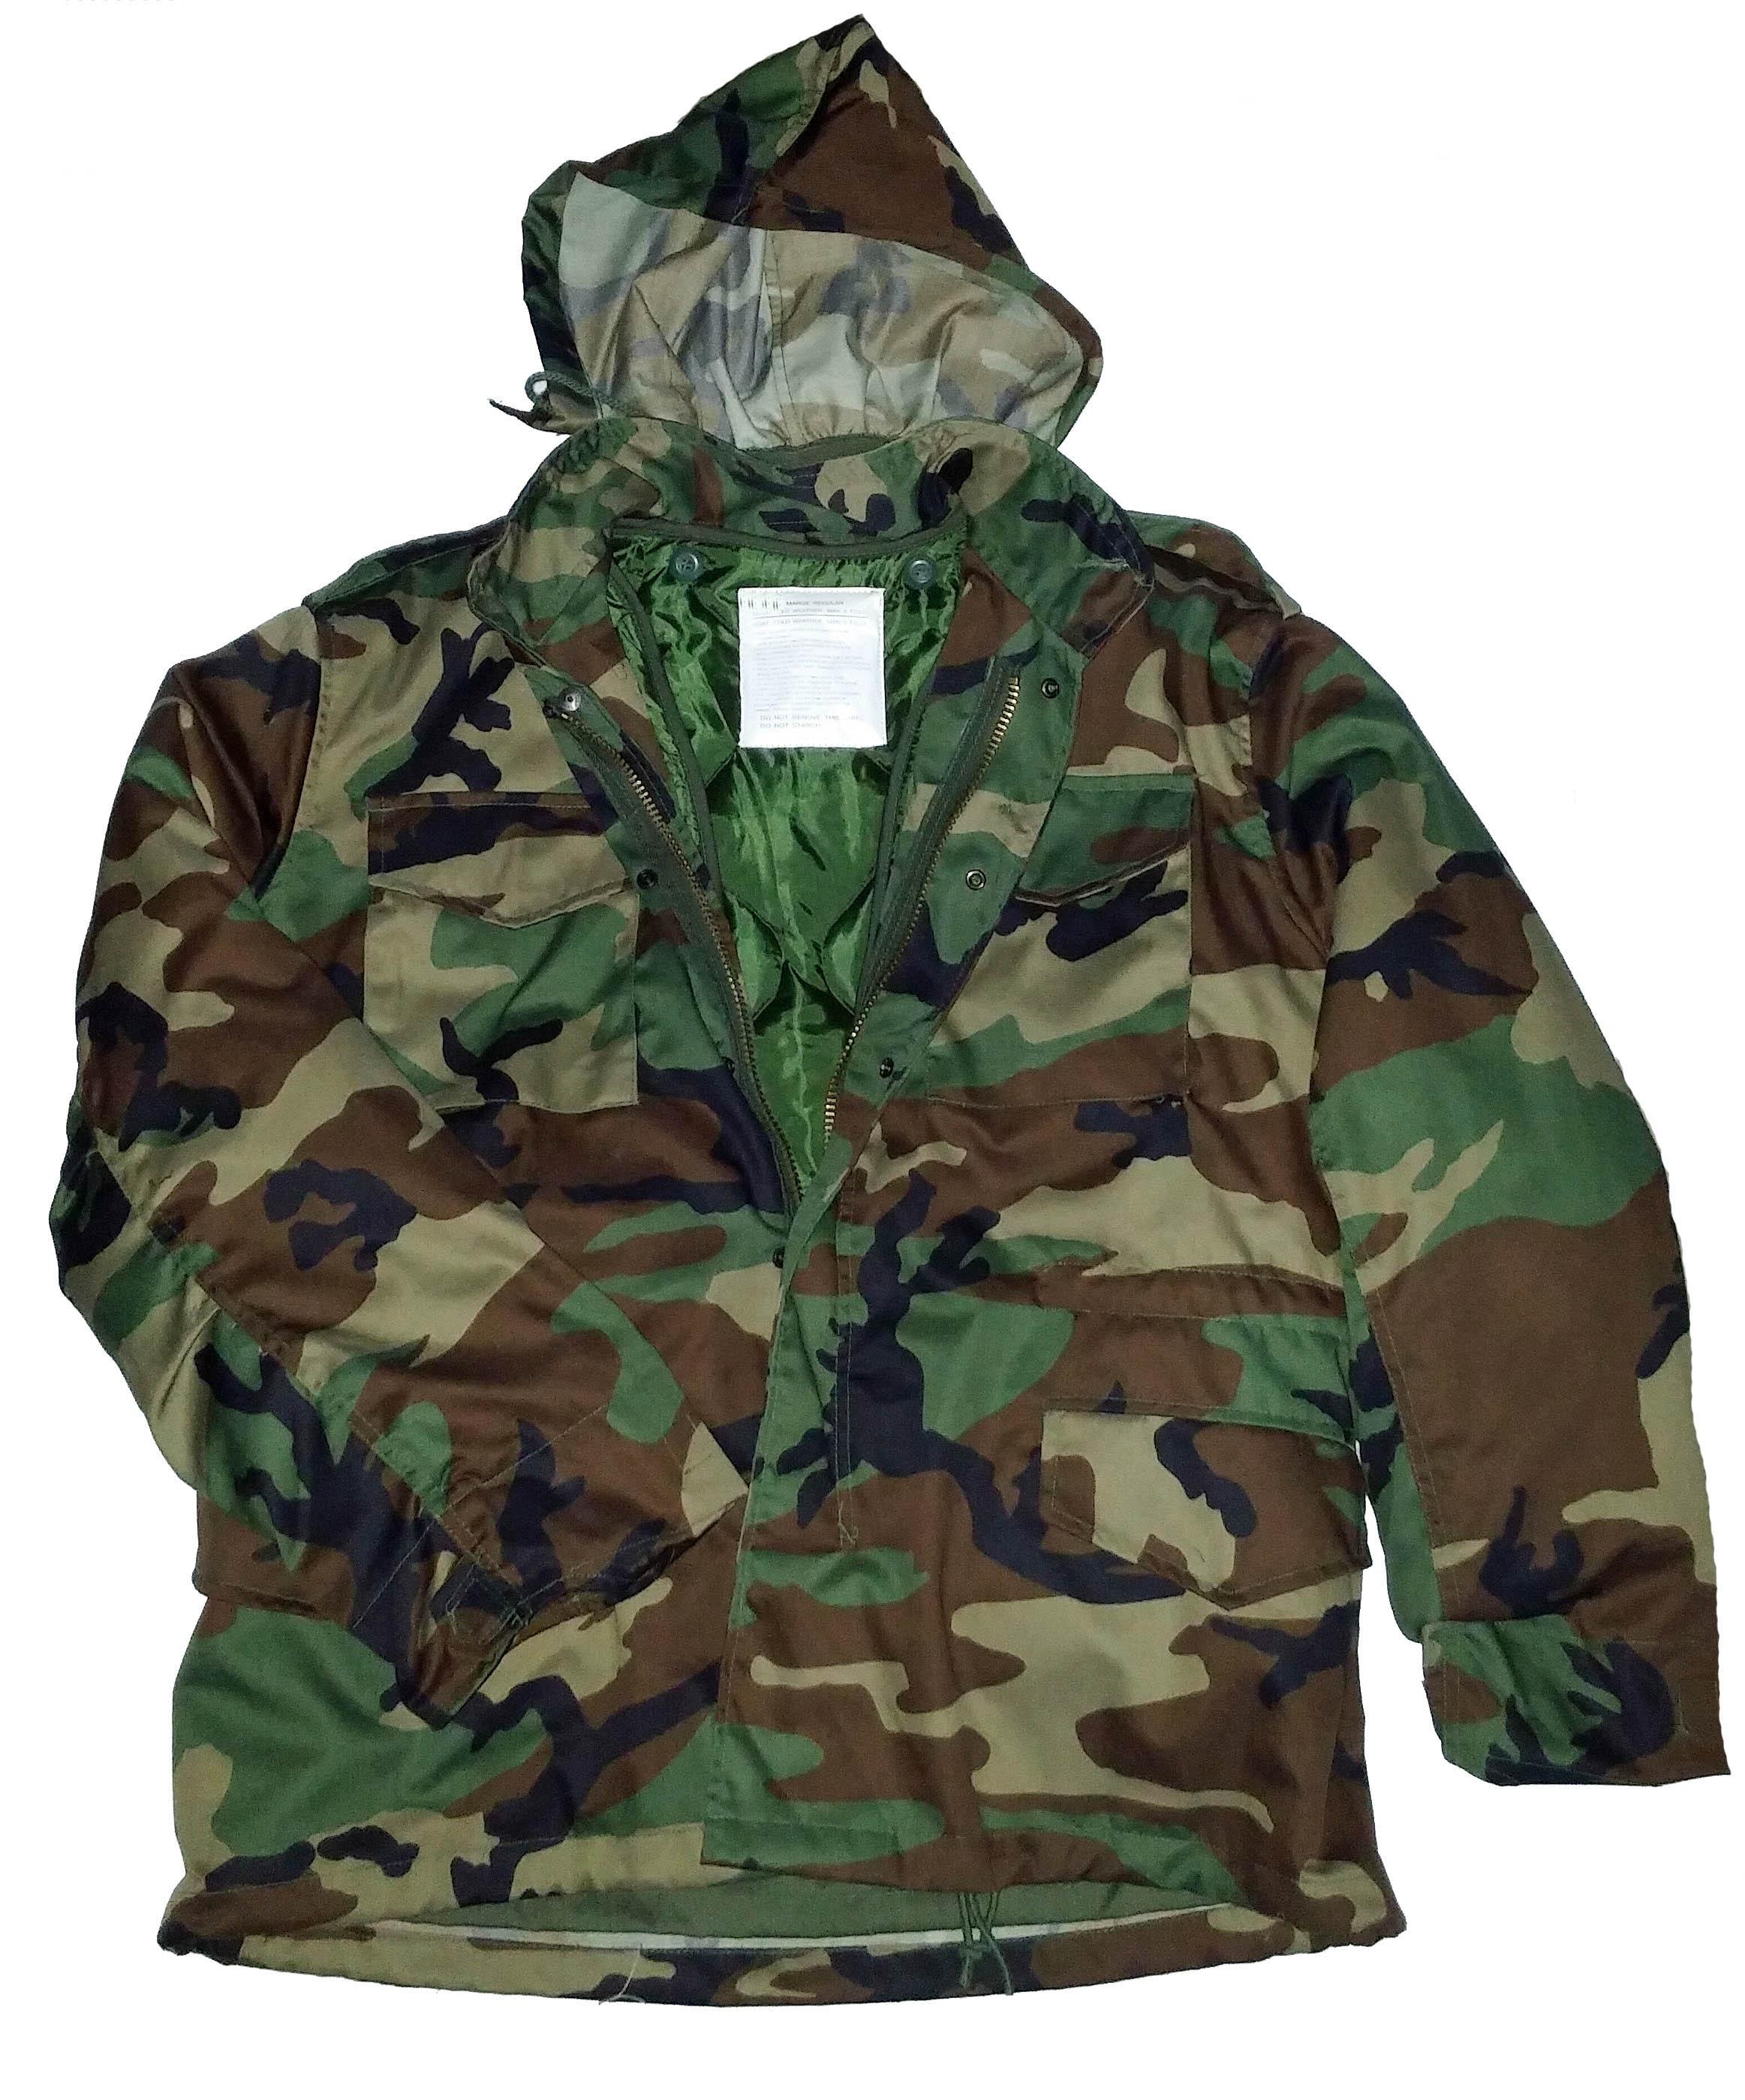 Woodland M-65 jacket